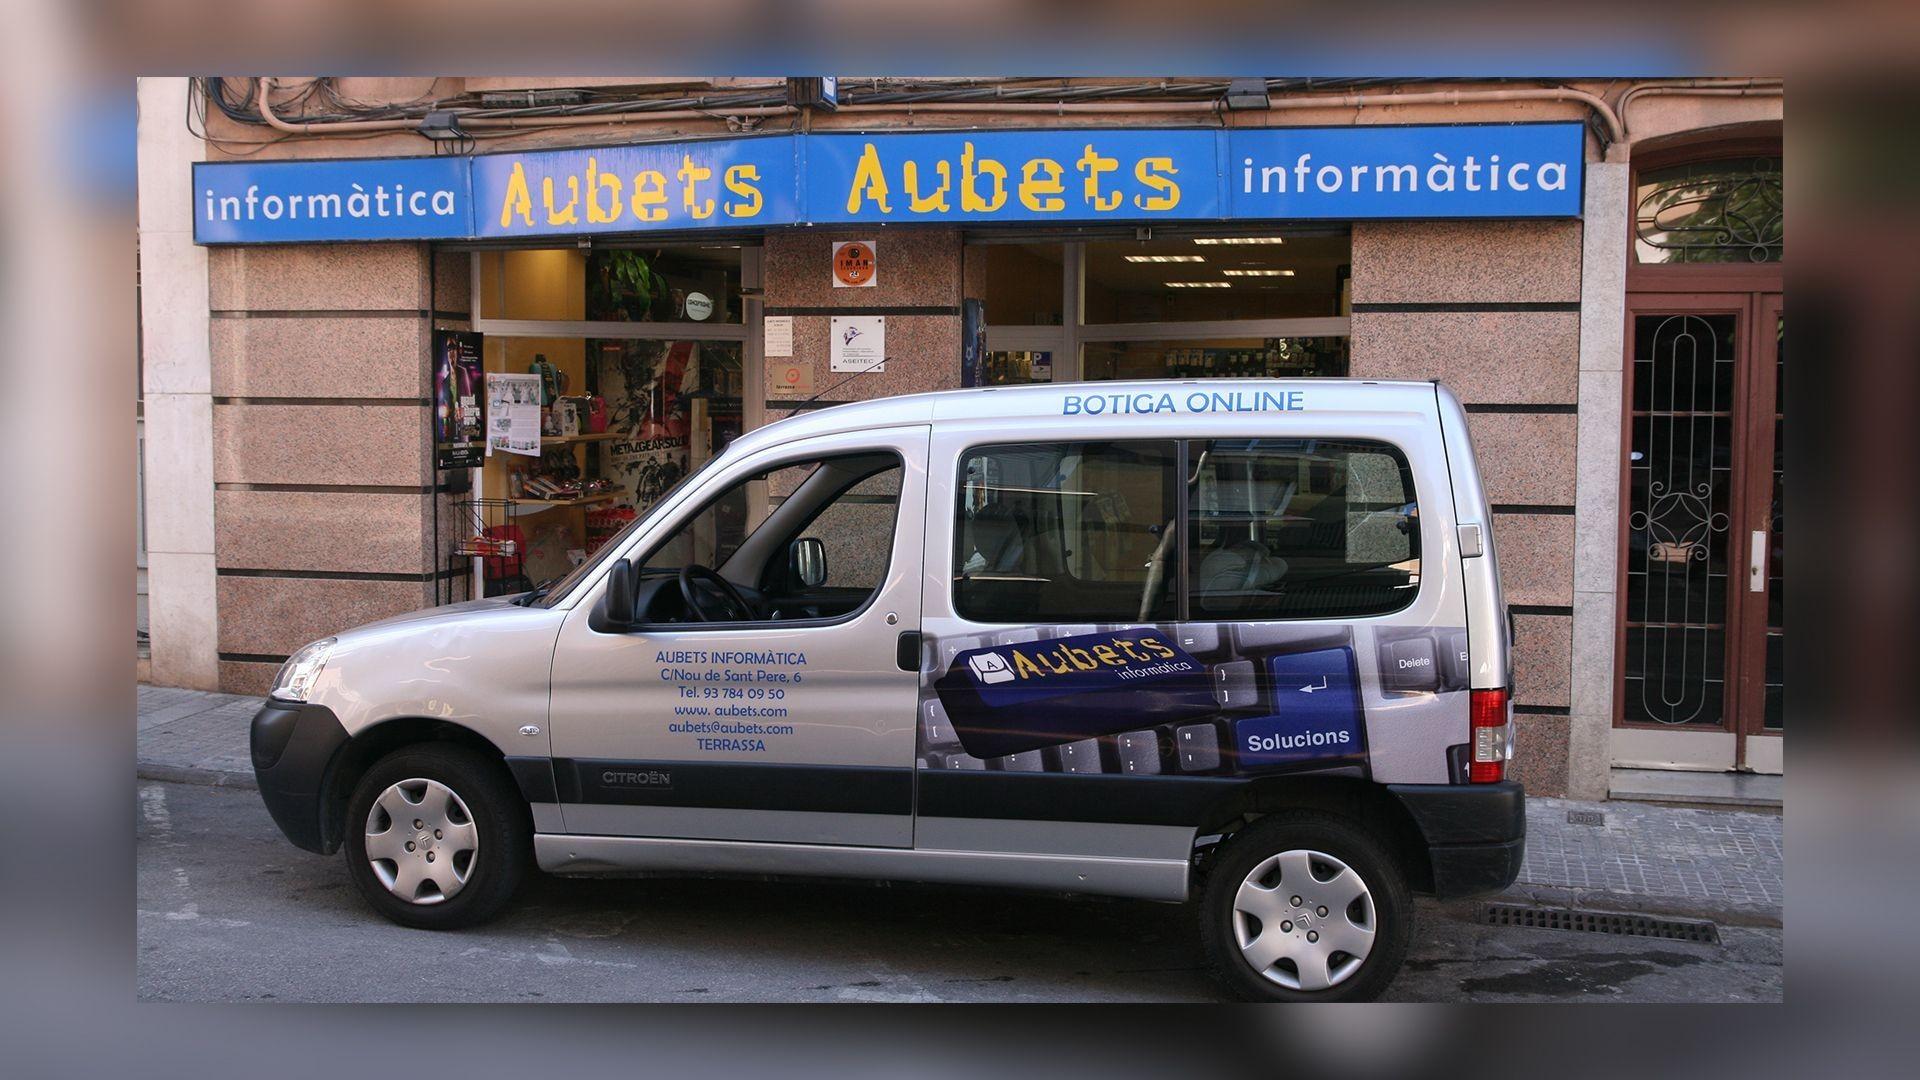 Aubets 1